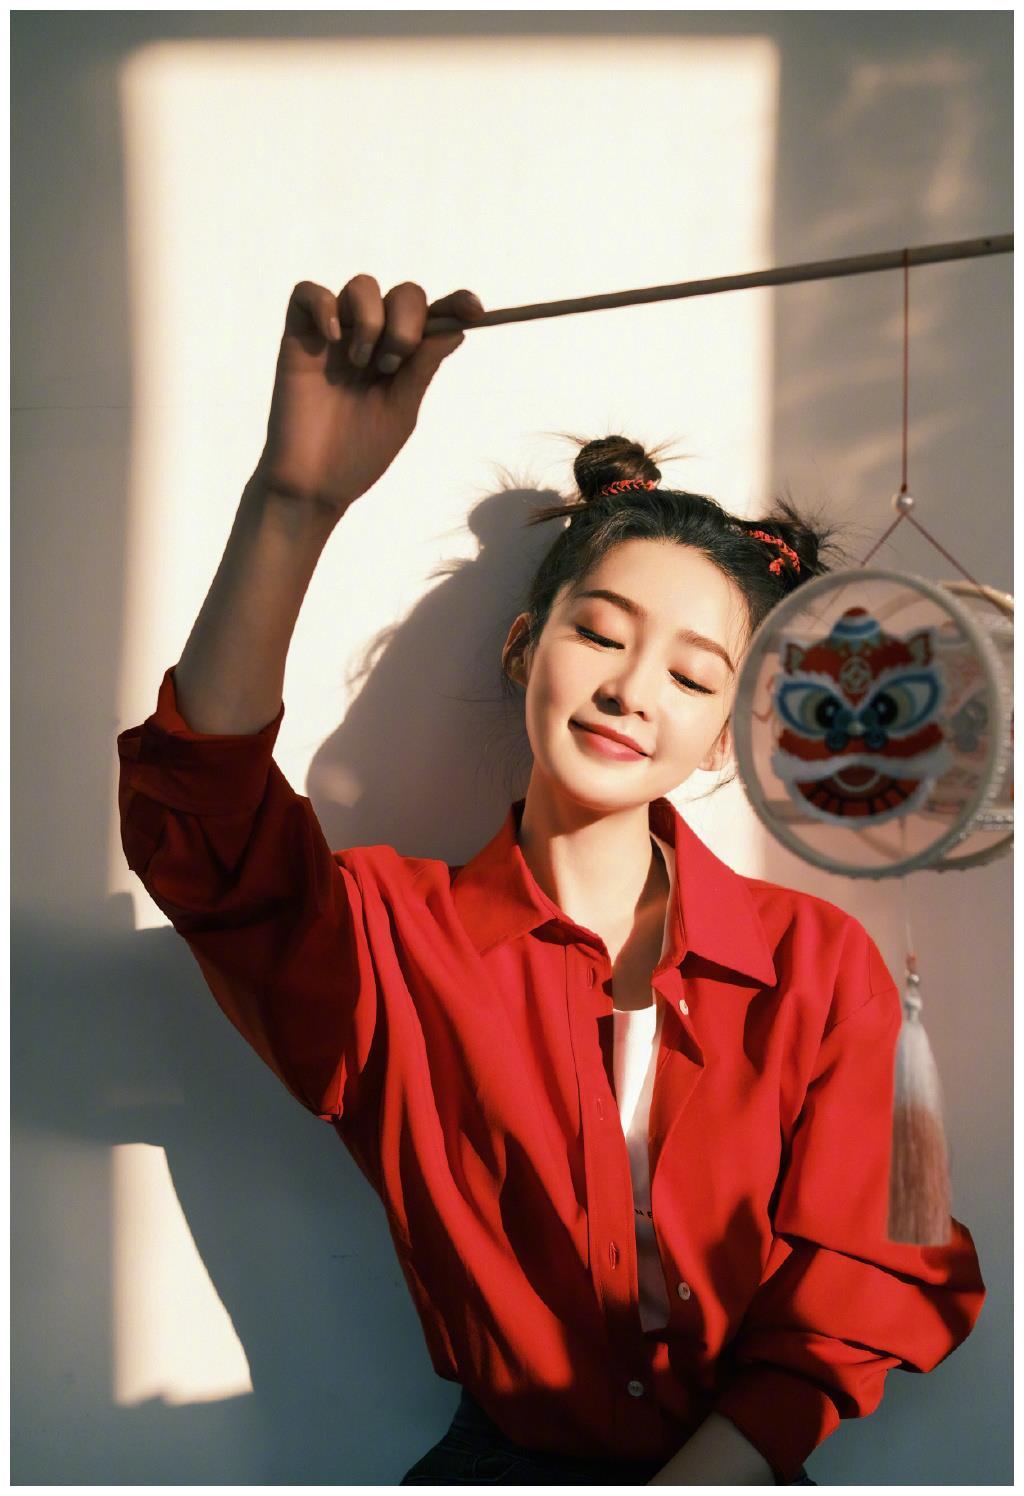 李沁近期美照:张张都很漂亮